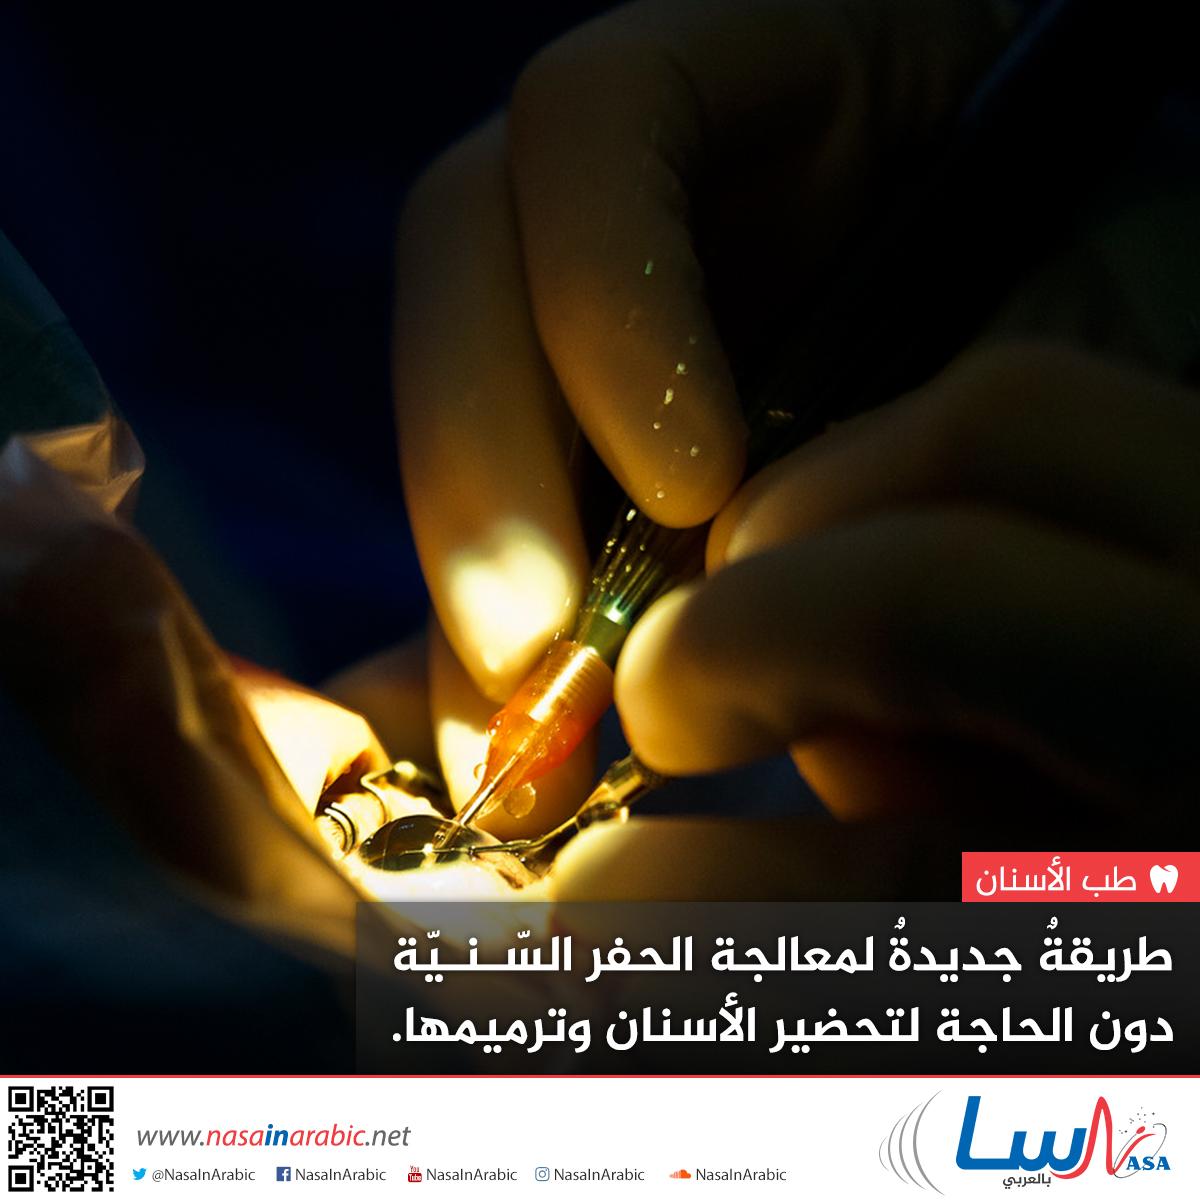 طريقة جديدة لمعالجة الحفر السنية دون الحاجة لتحضير الأسنان وترميمها